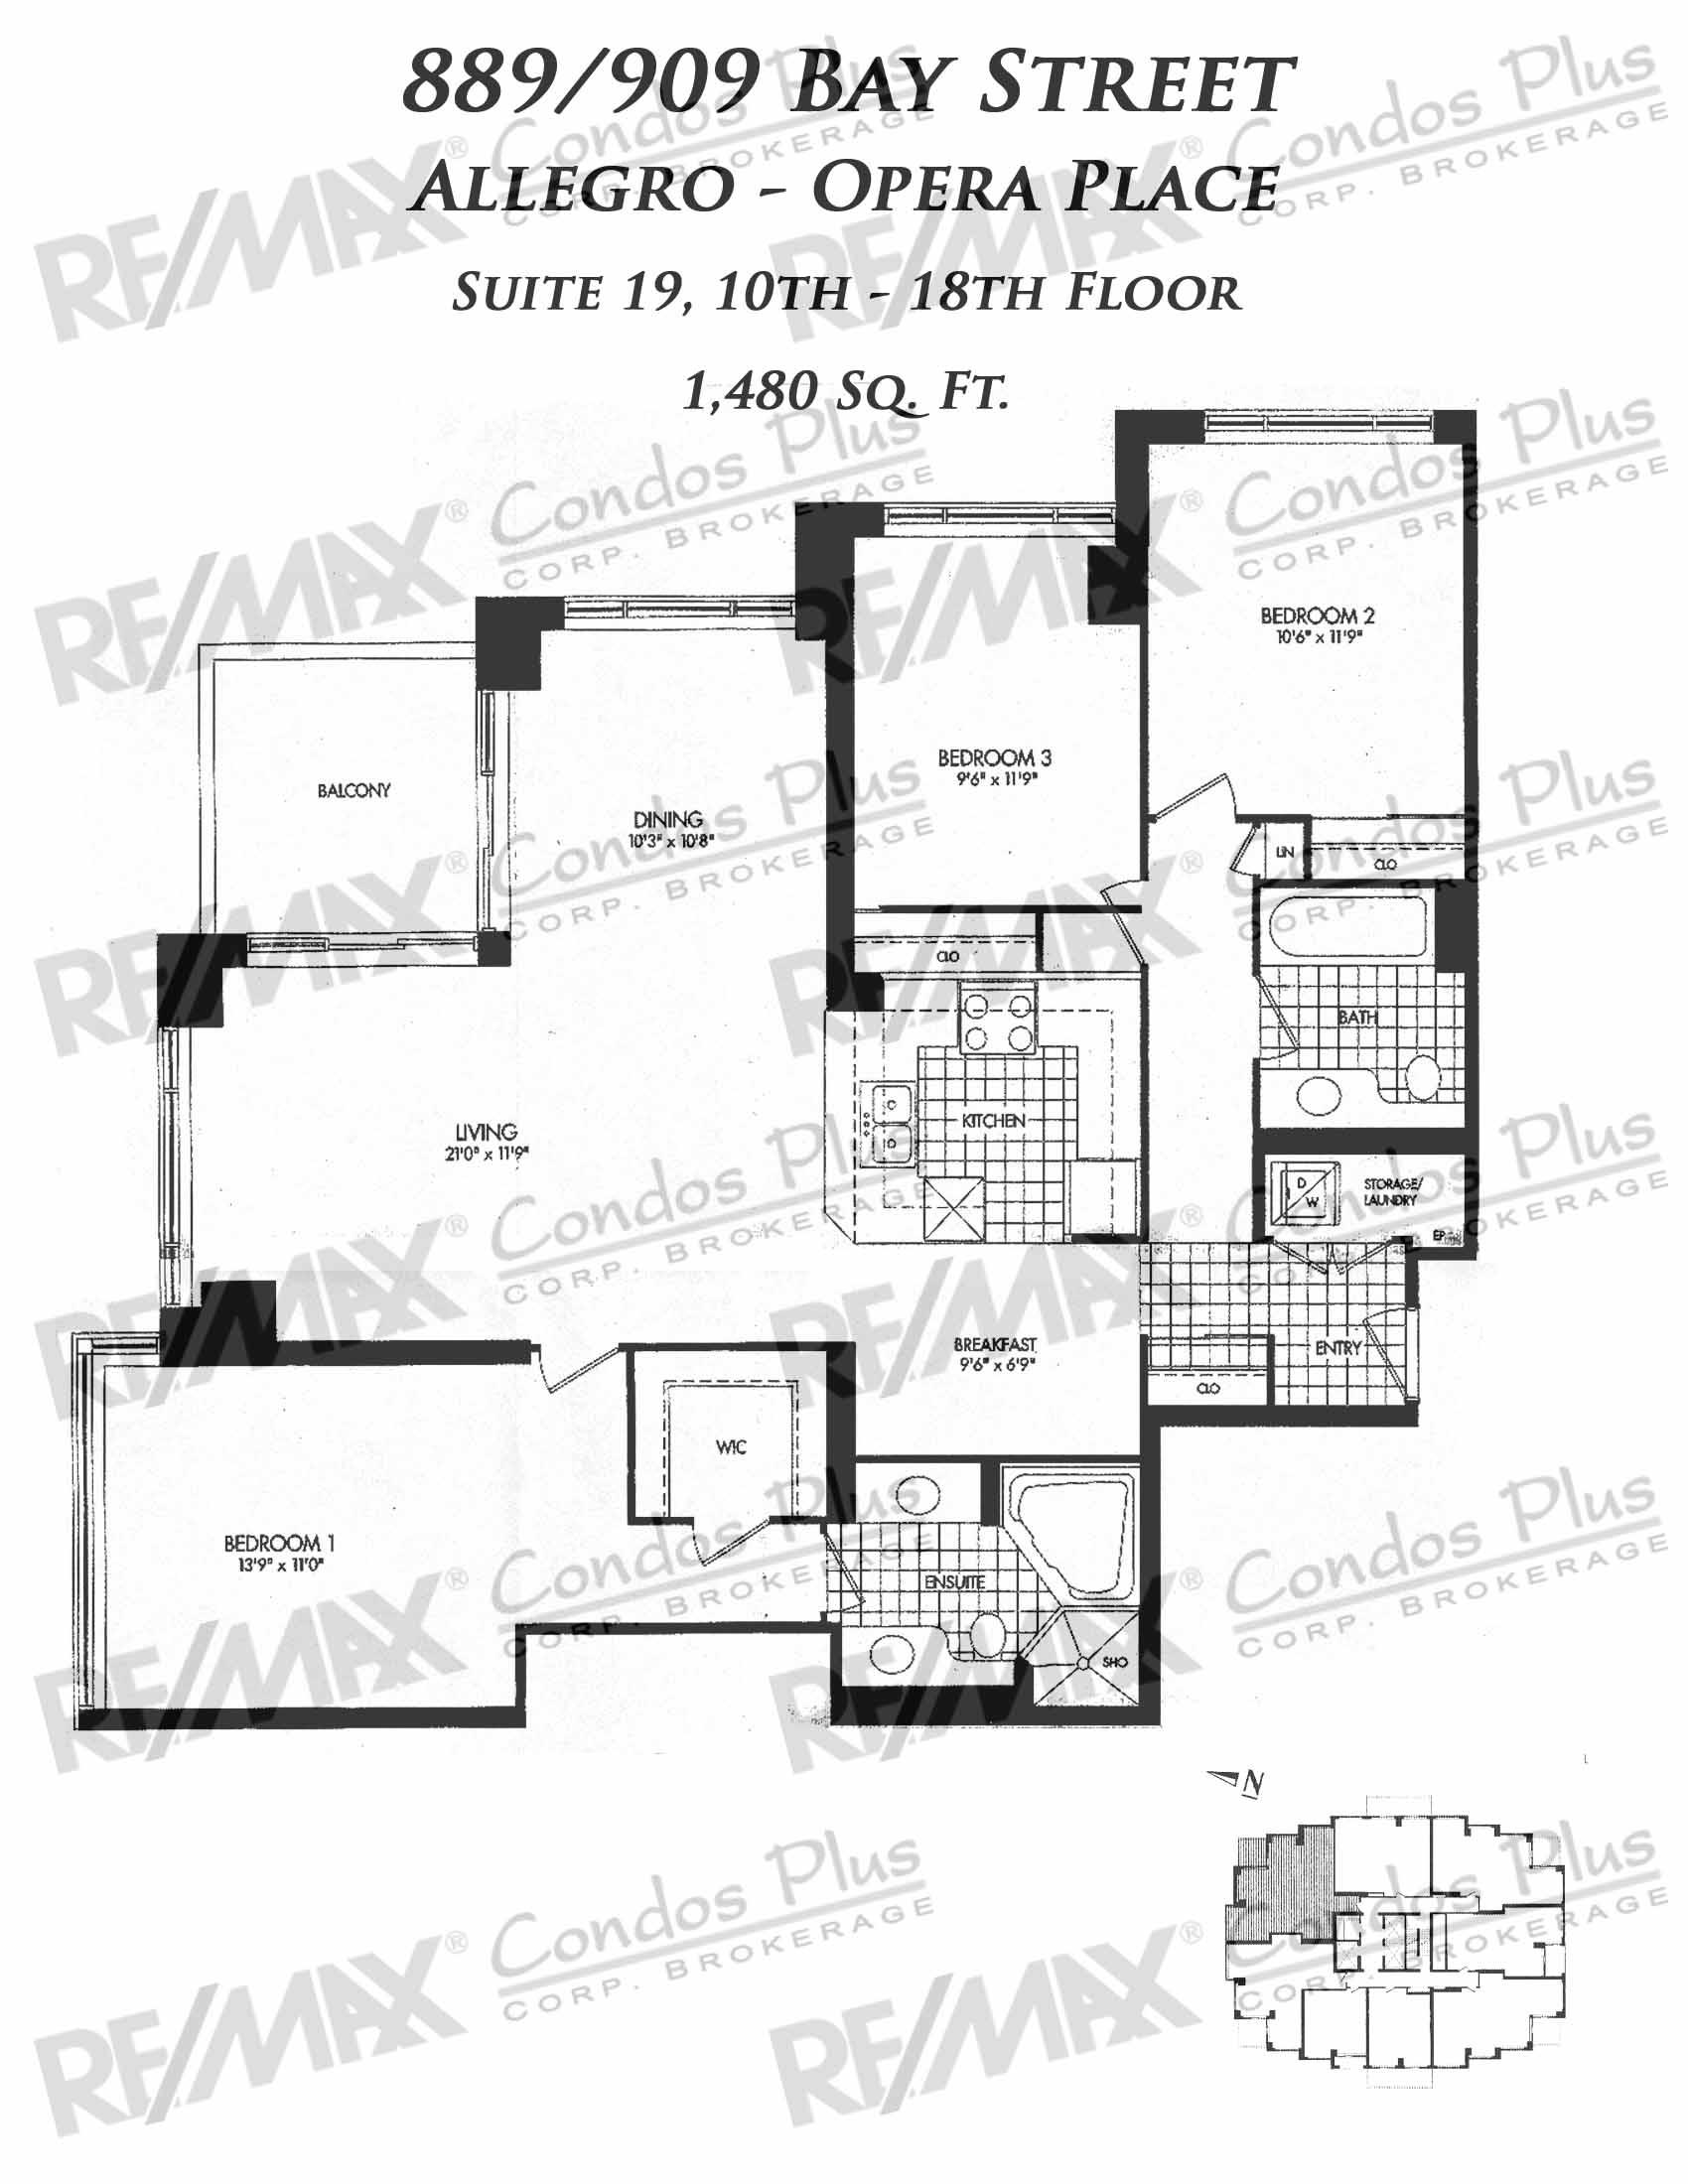 Suite 19